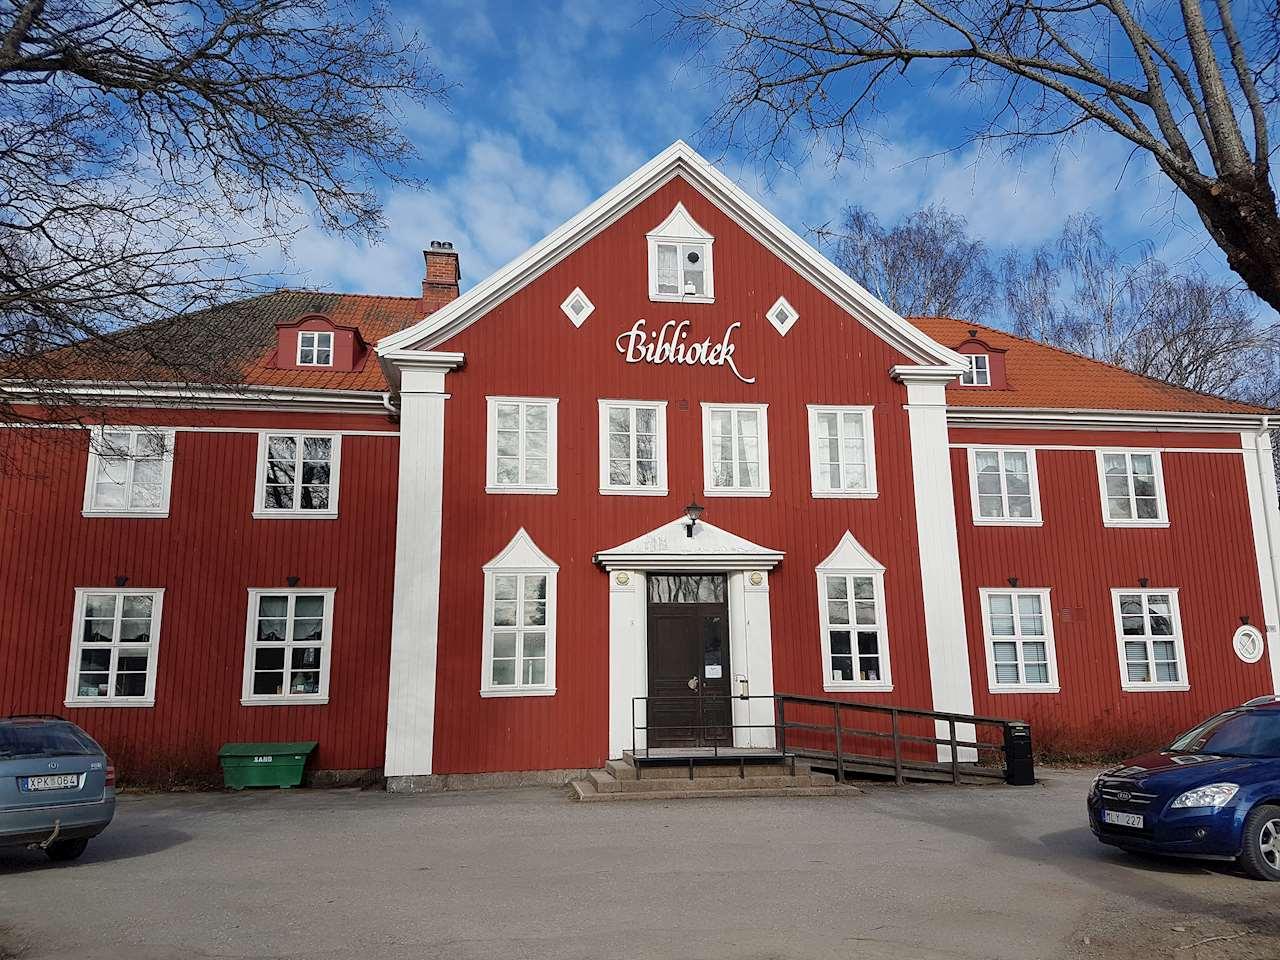 Röd och stor träbyggnad med biblioteksskylt